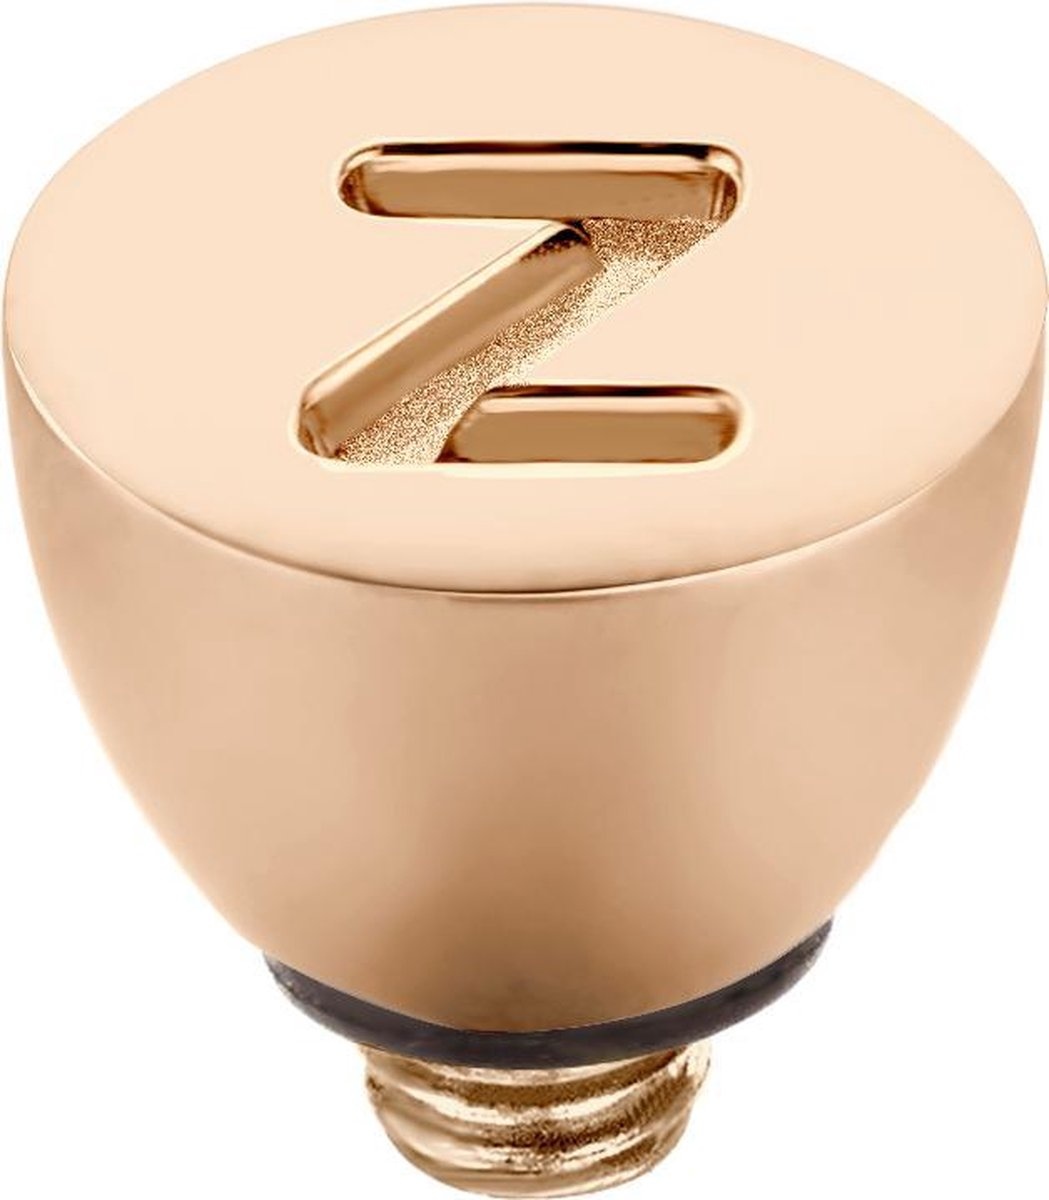 Melano Twisted steentje - letter Z - dames - rosekleurig - 6 mm - Melano Jewelry